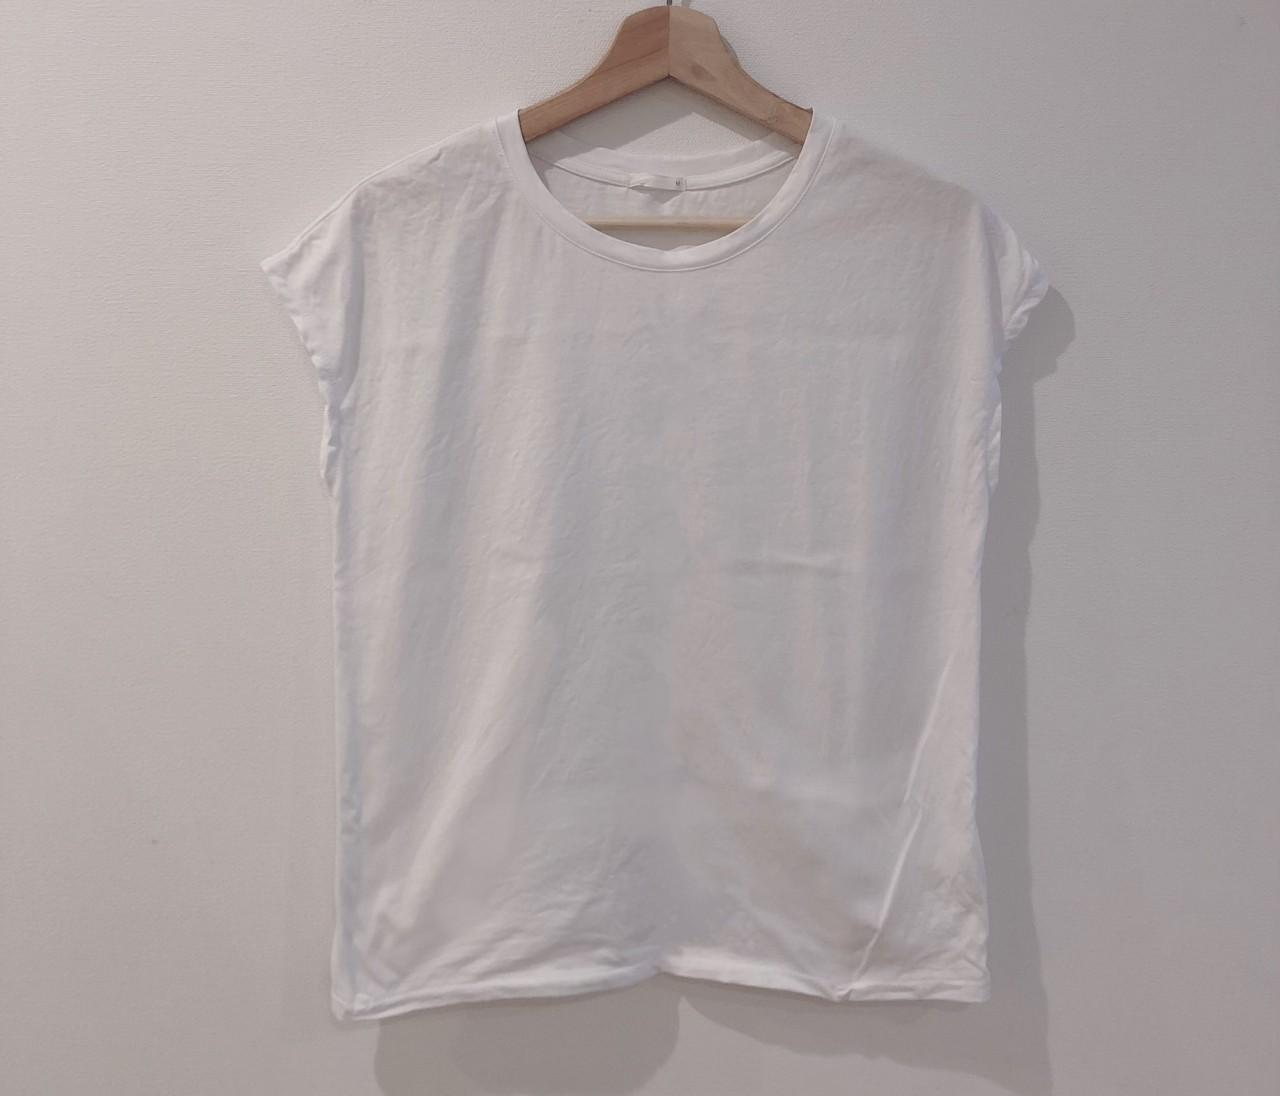 【GU】990円!使えるプチプラTシャツ!